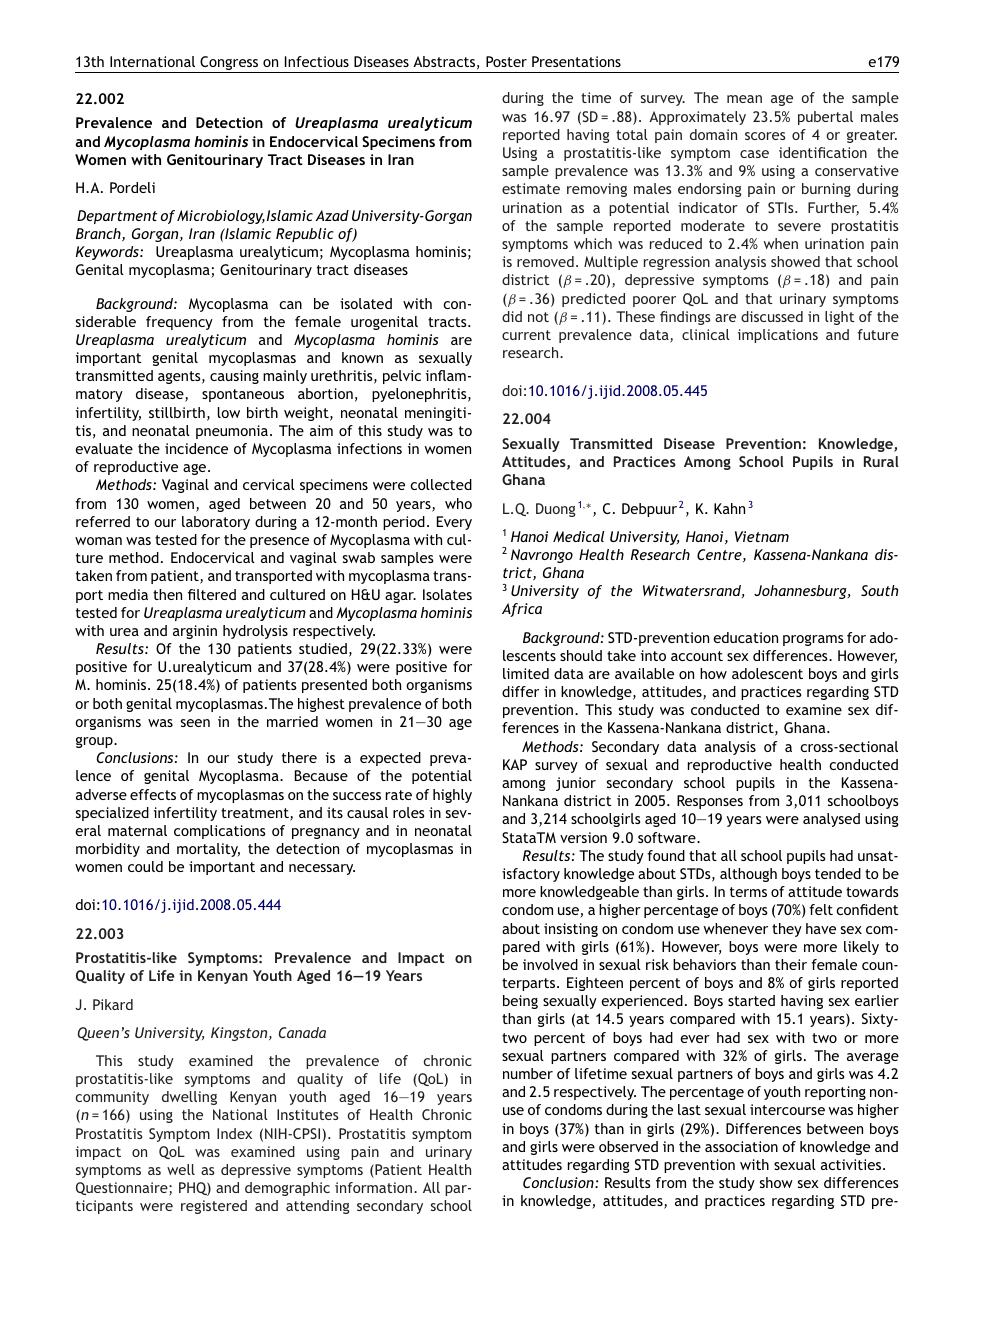 Prostatitis és mycoplasma ICD 10 krónikus prosztatitis